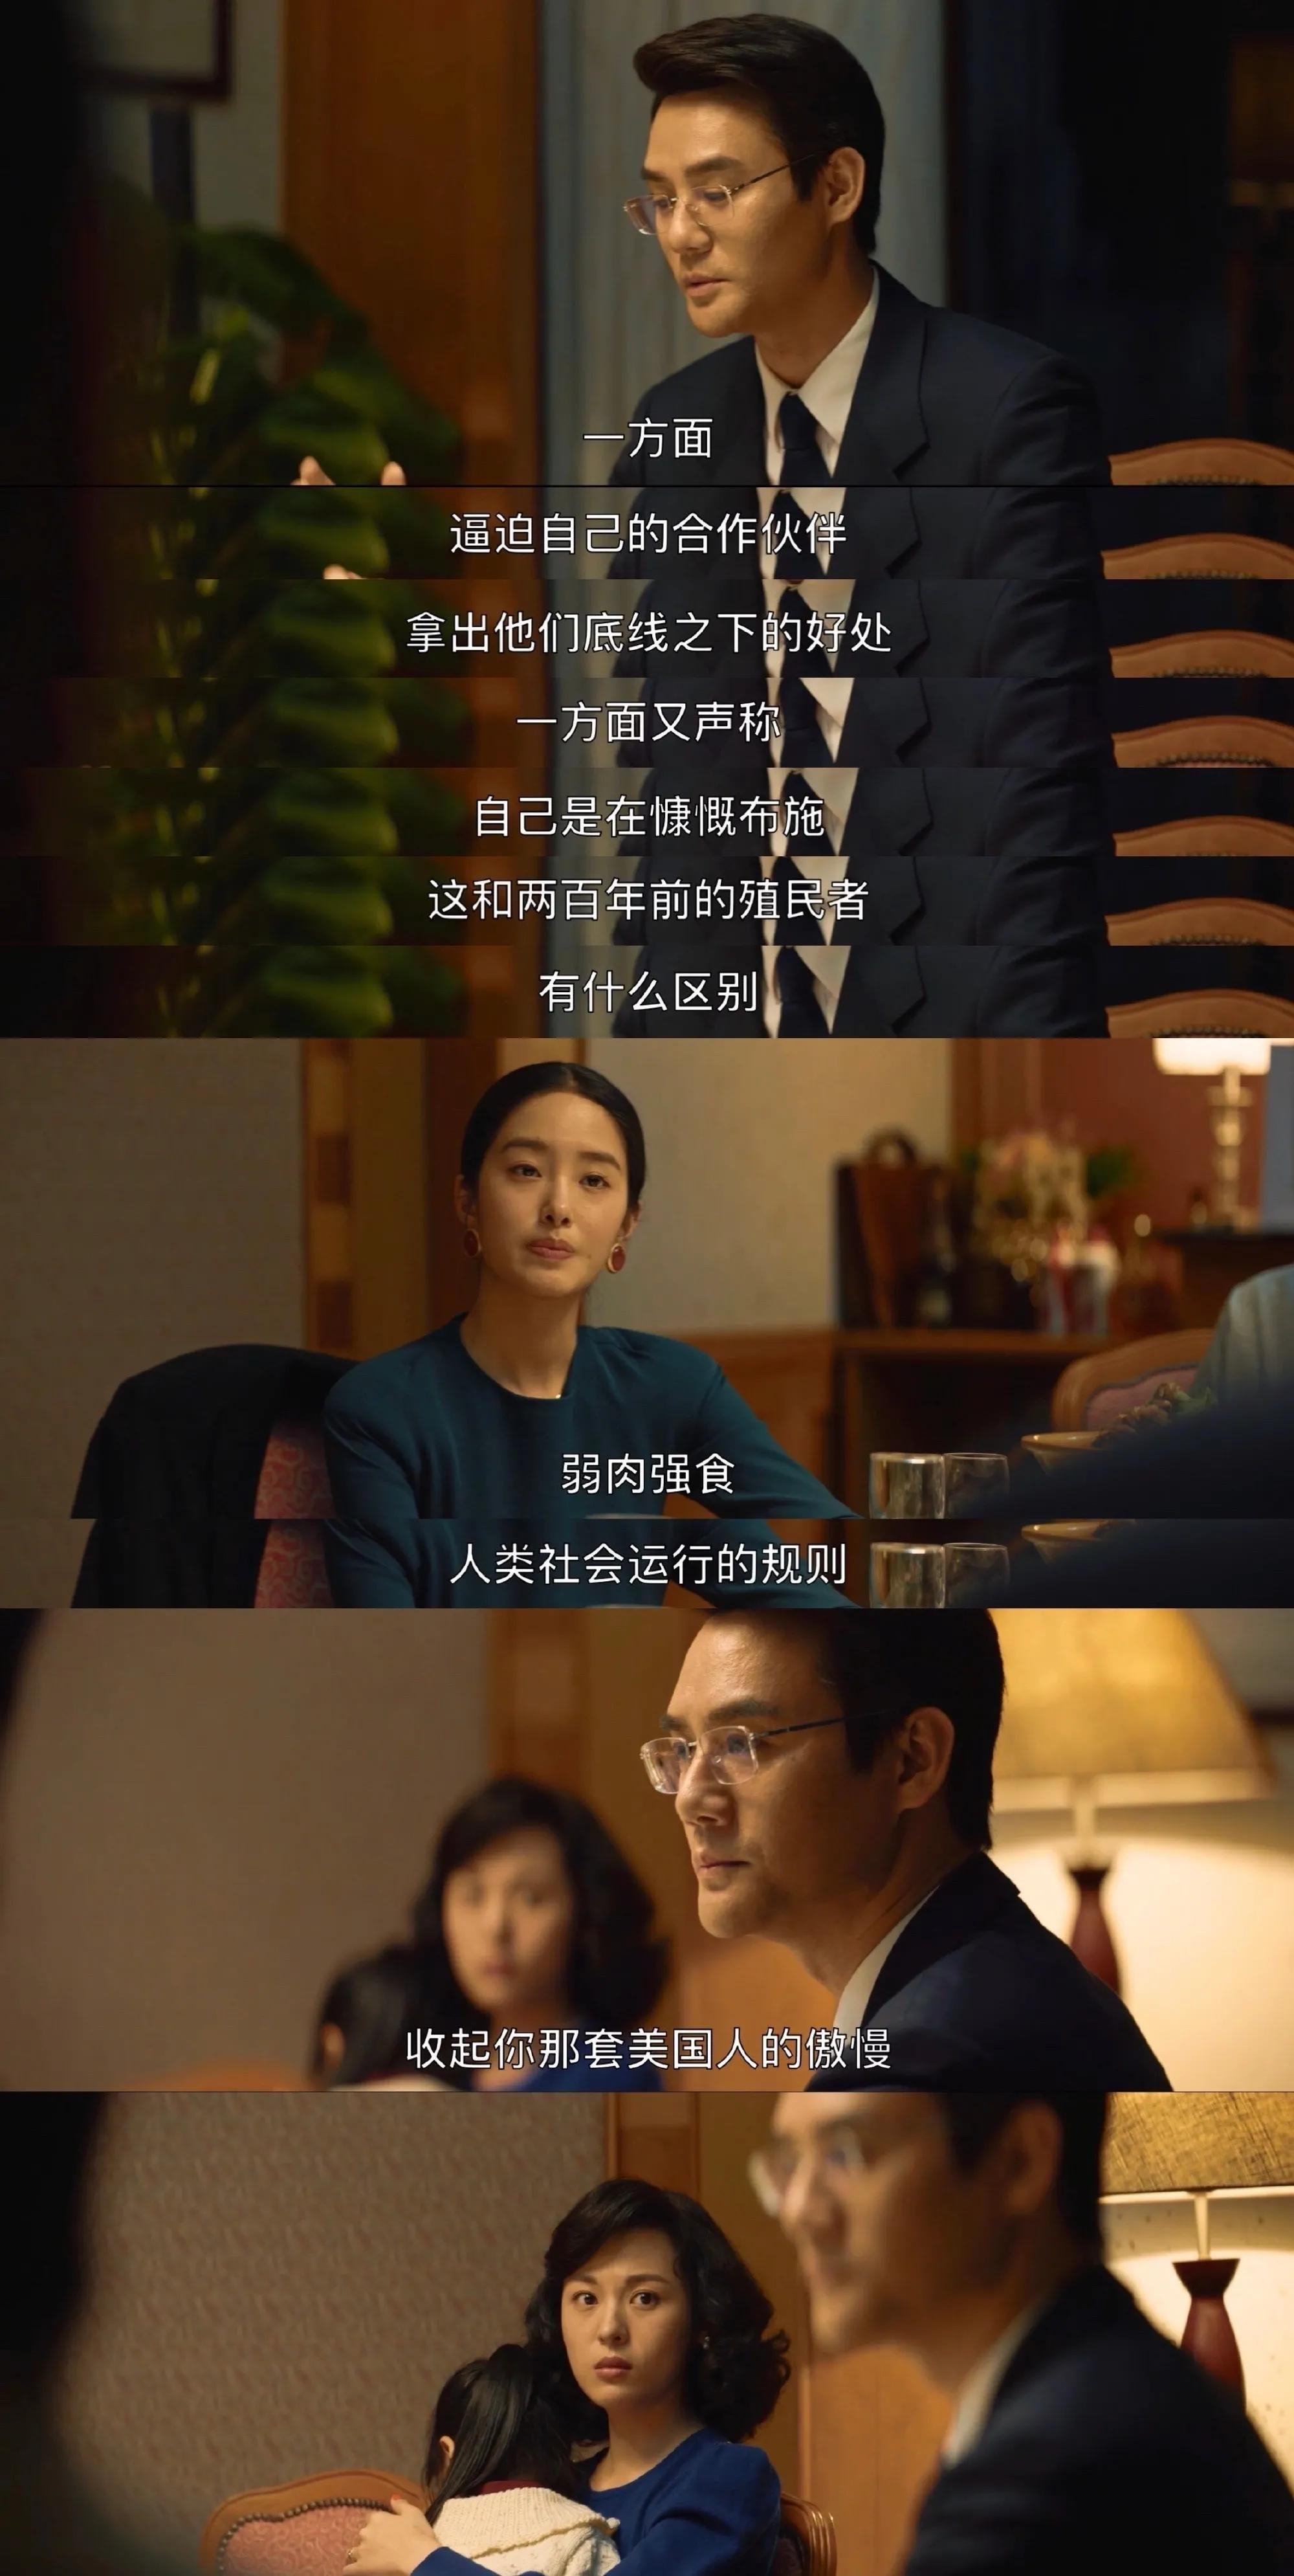 大江大河2高能饭局掀浪潮,王凯定海神针演技助攻宋运辉破僵局